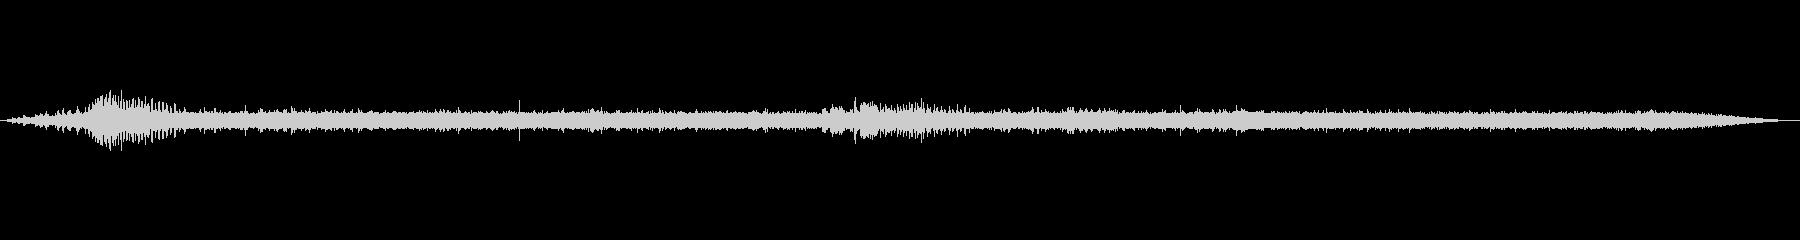 【自然音】渓谷の音(八丈島)の未再生の波形